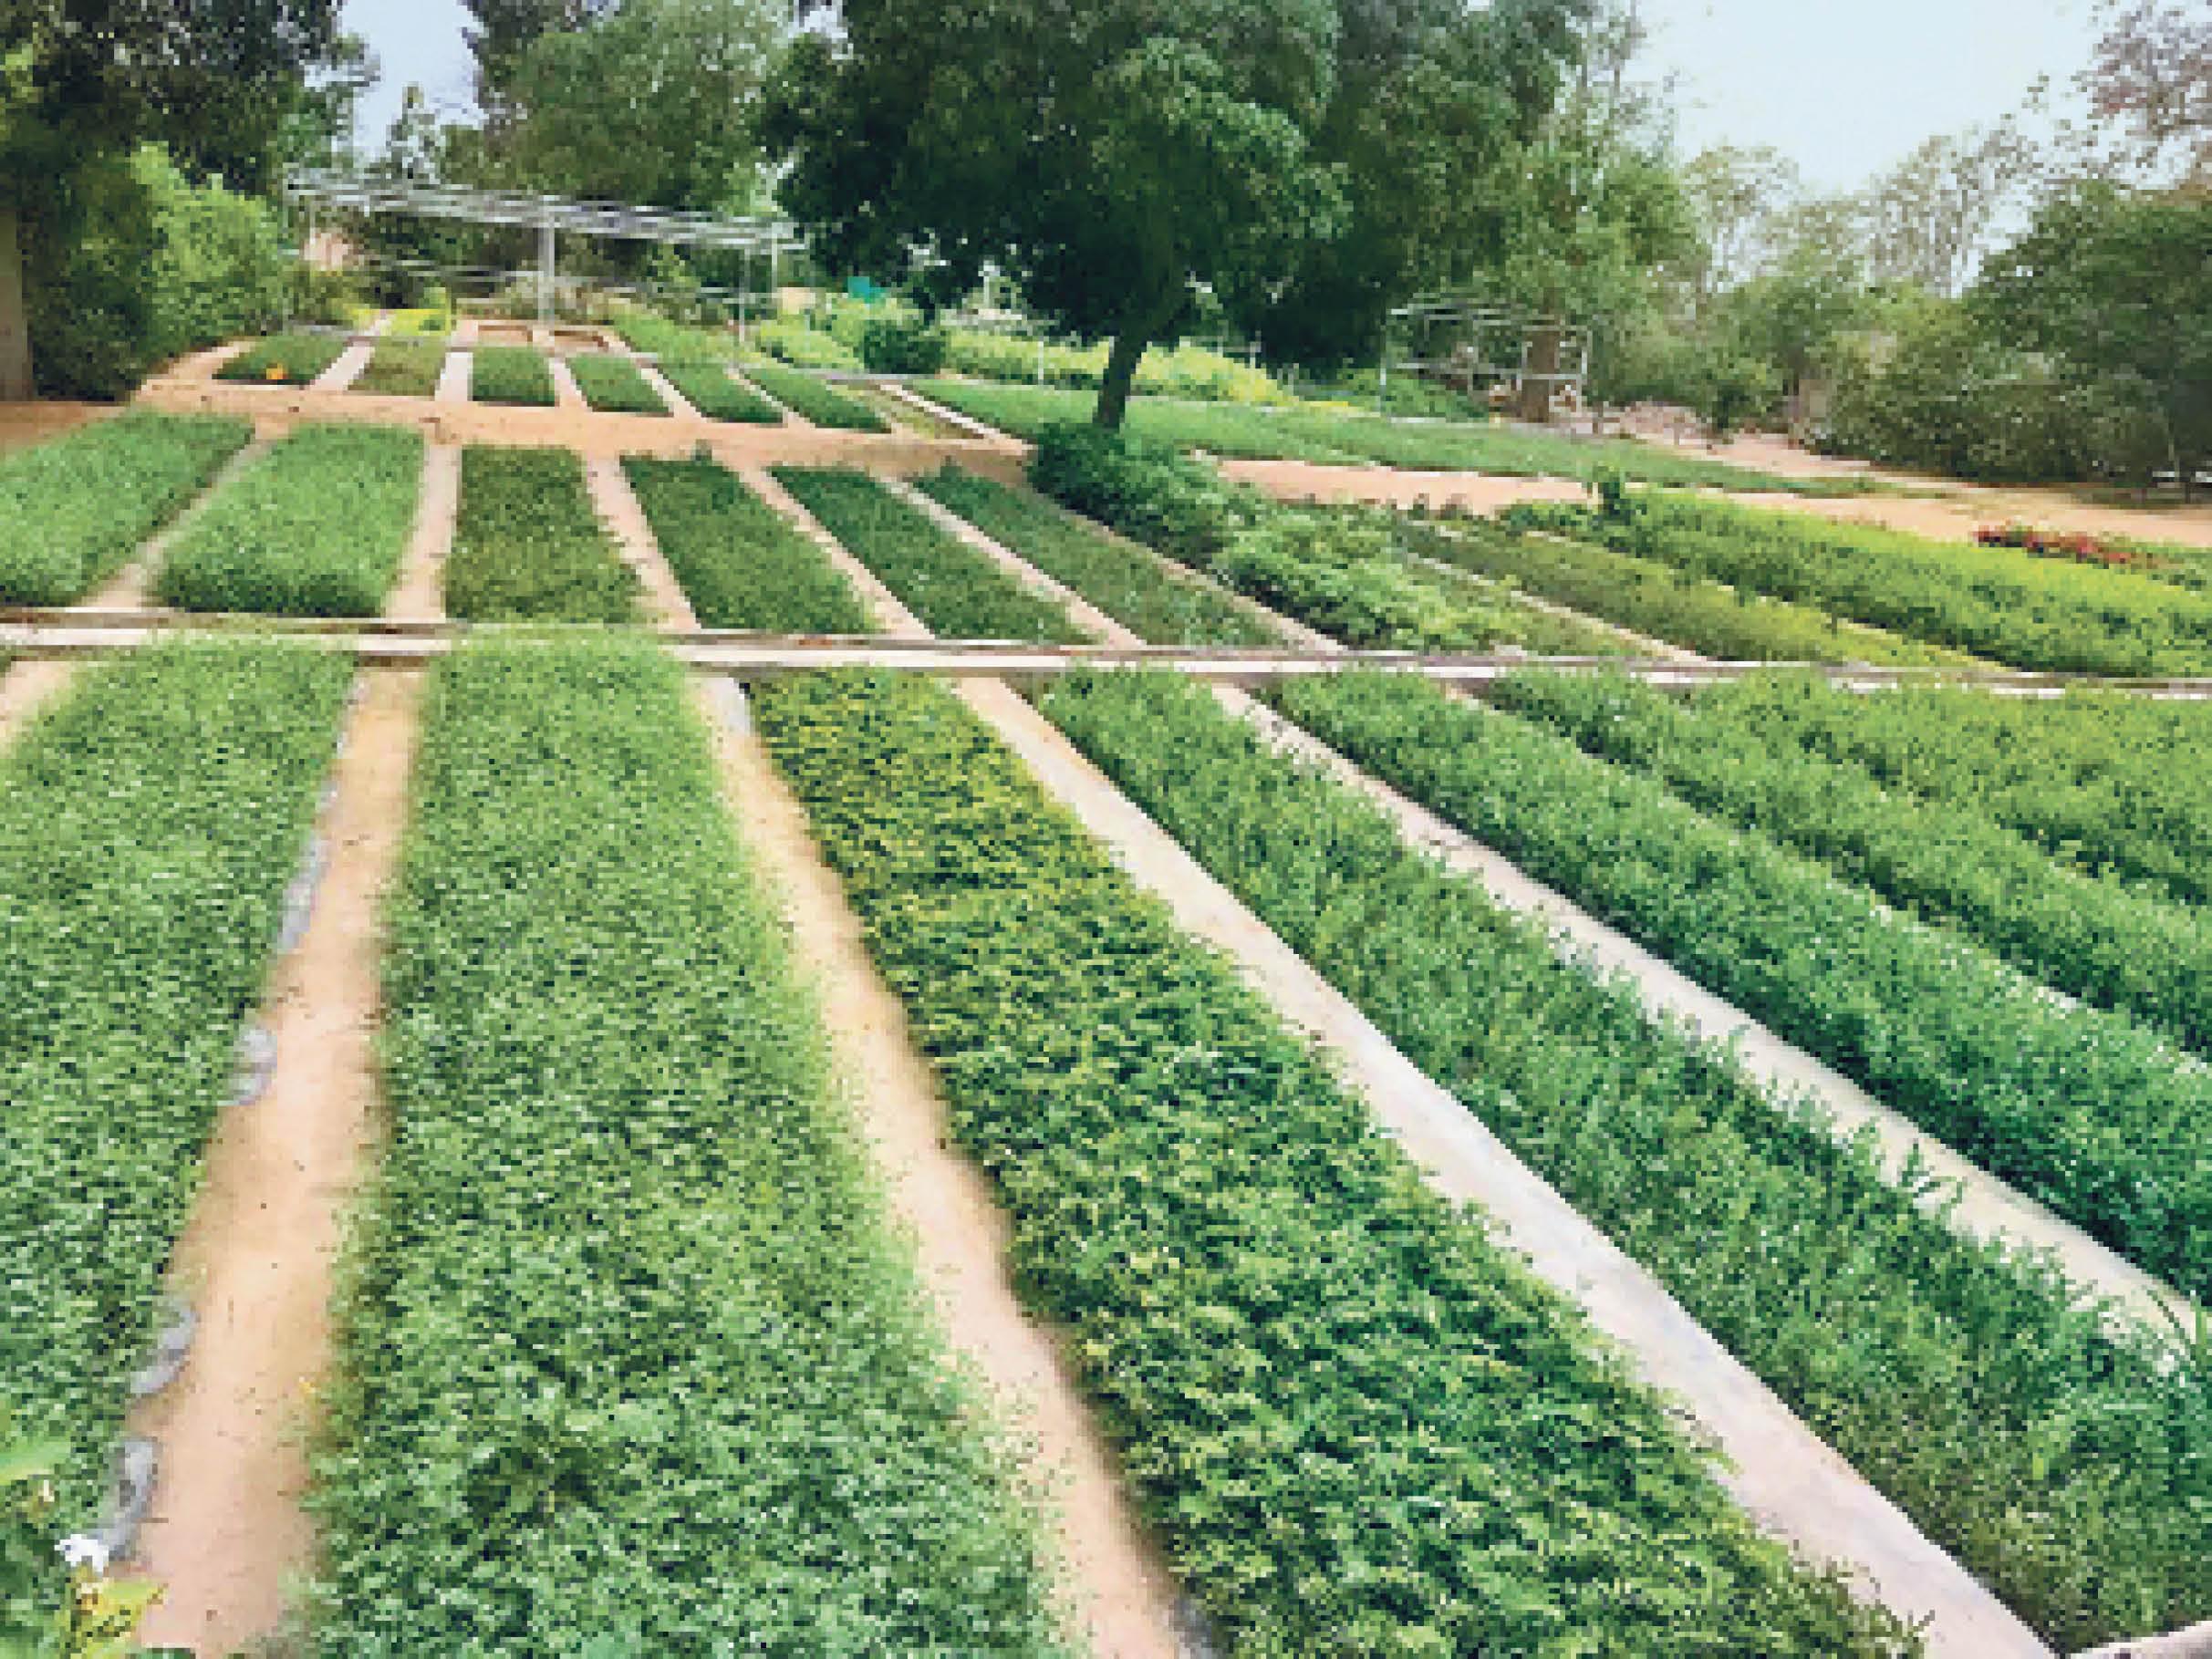 फोटो वन विभाग की बिरधवाल रेंज की है। यहां एक लाख पौधे तैयार हो रहे हैं। जिले में ऐसी 22 नर्सरी में 19 लाख पौधे लगाए गए हैं। - Dainik Bhaskar